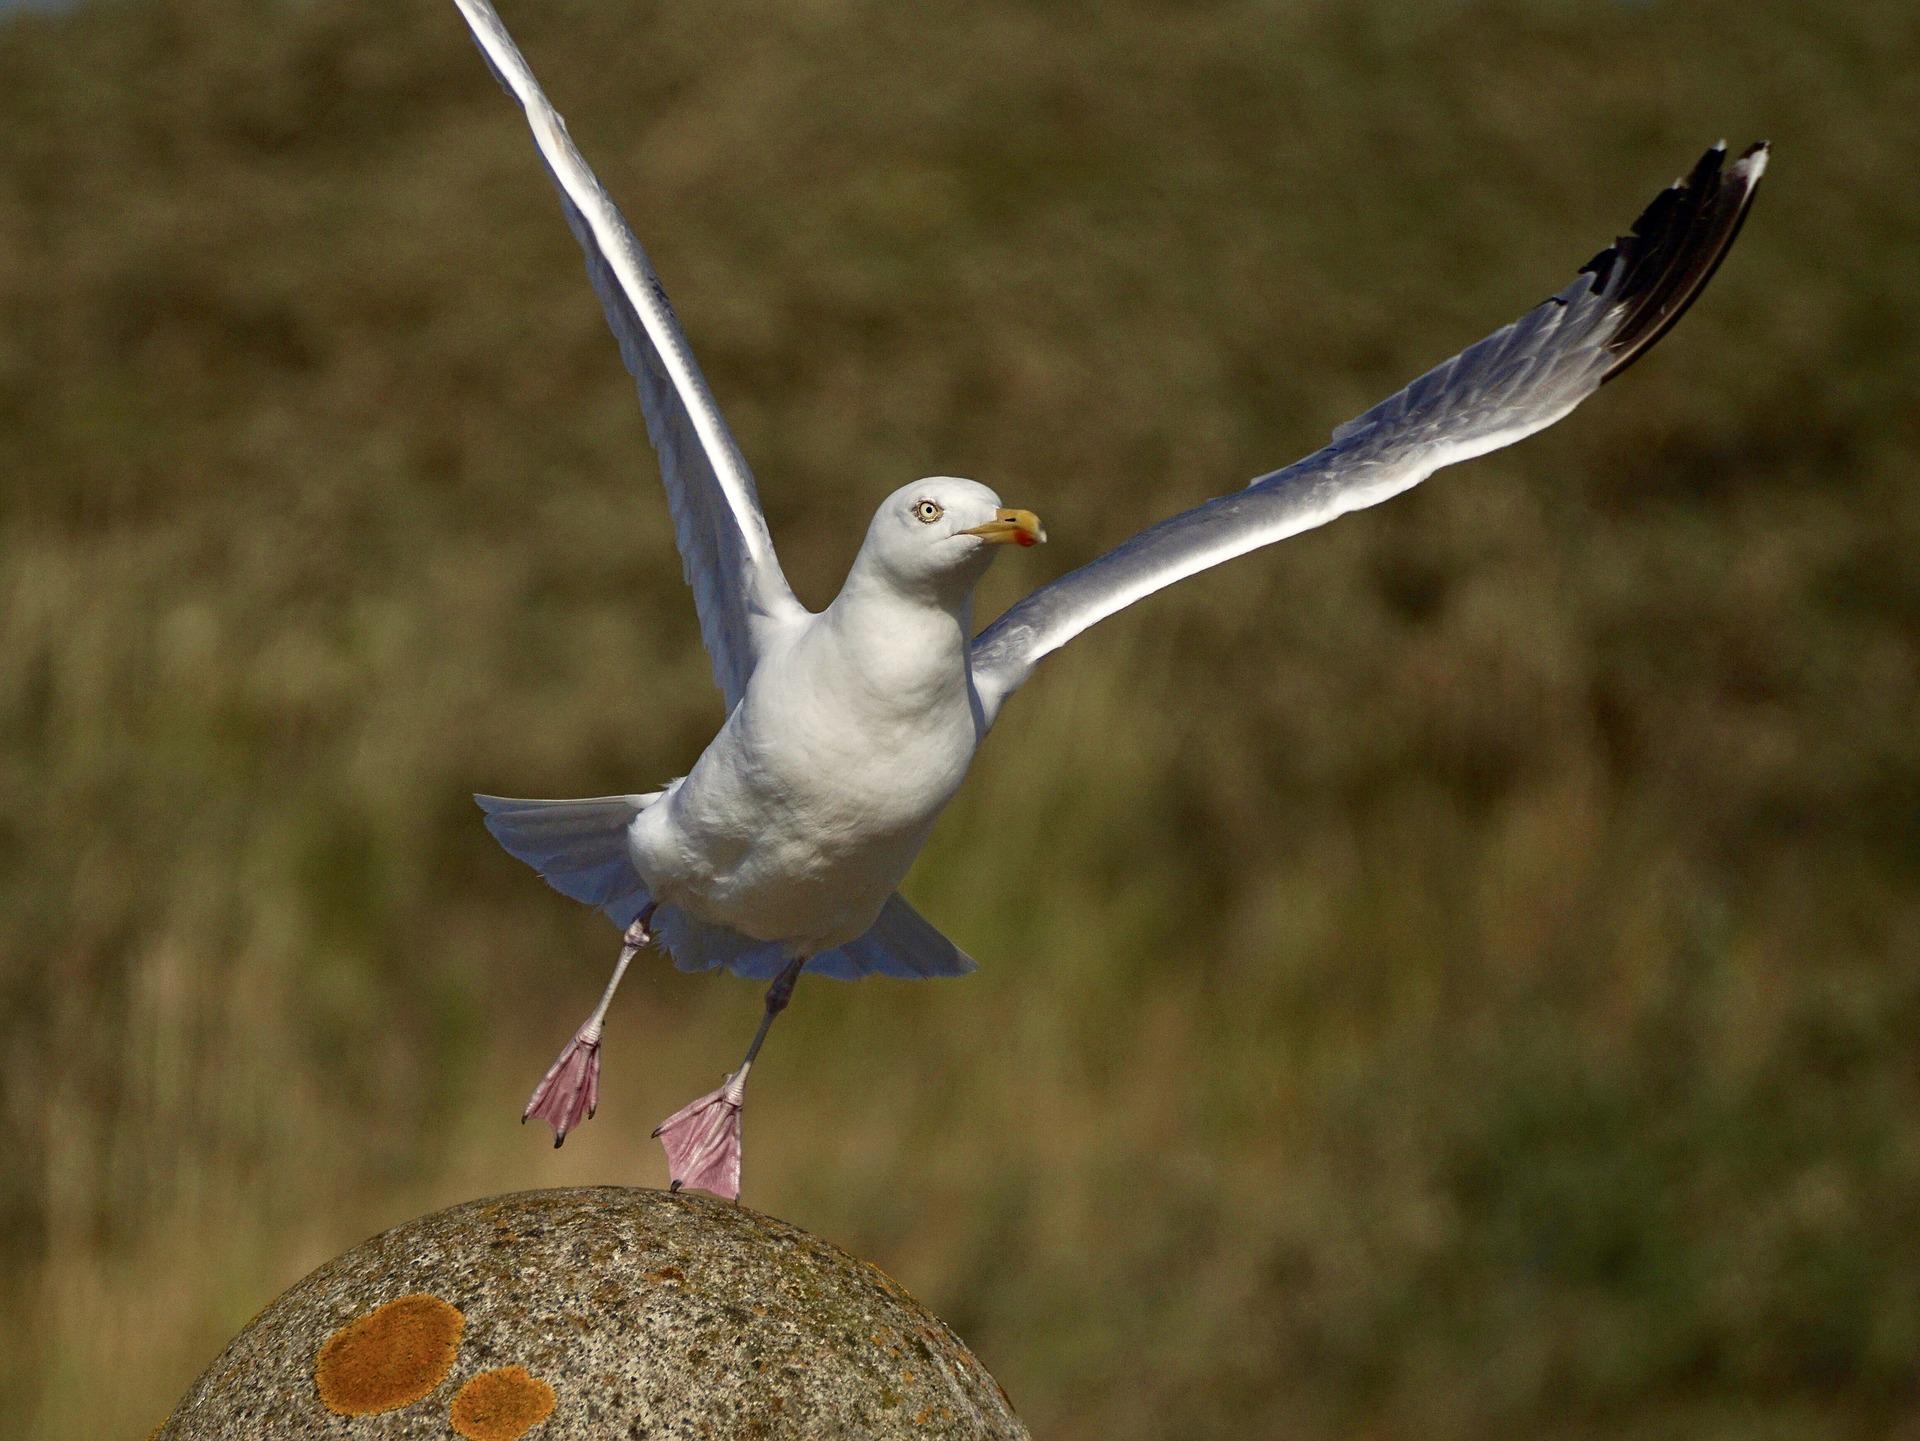 gull lifting